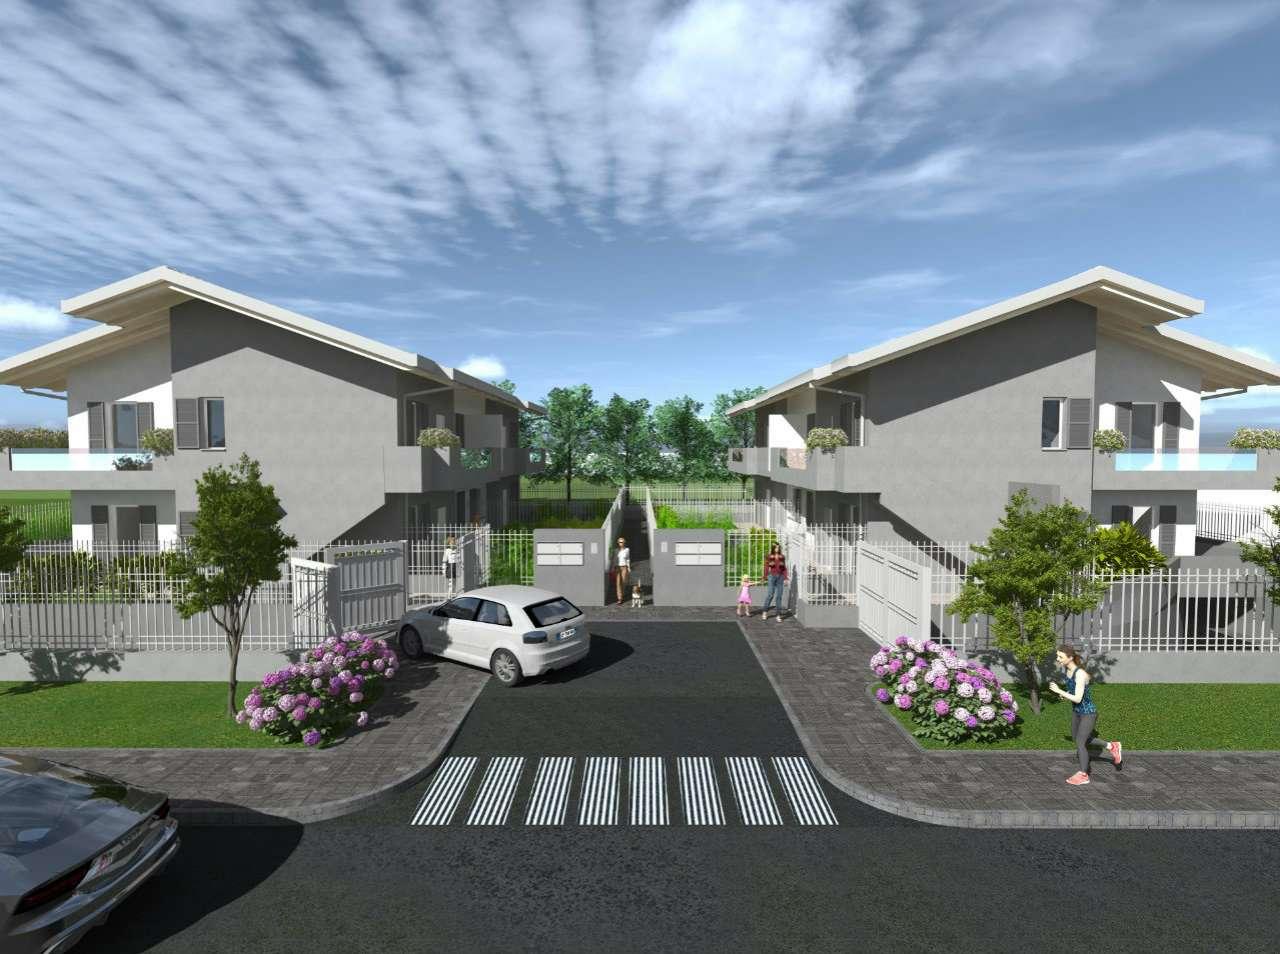 Appartamento in vendita a Bonate Sopra, 3 locali, prezzo € 235.000 | PortaleAgenzieImmobiliari.it